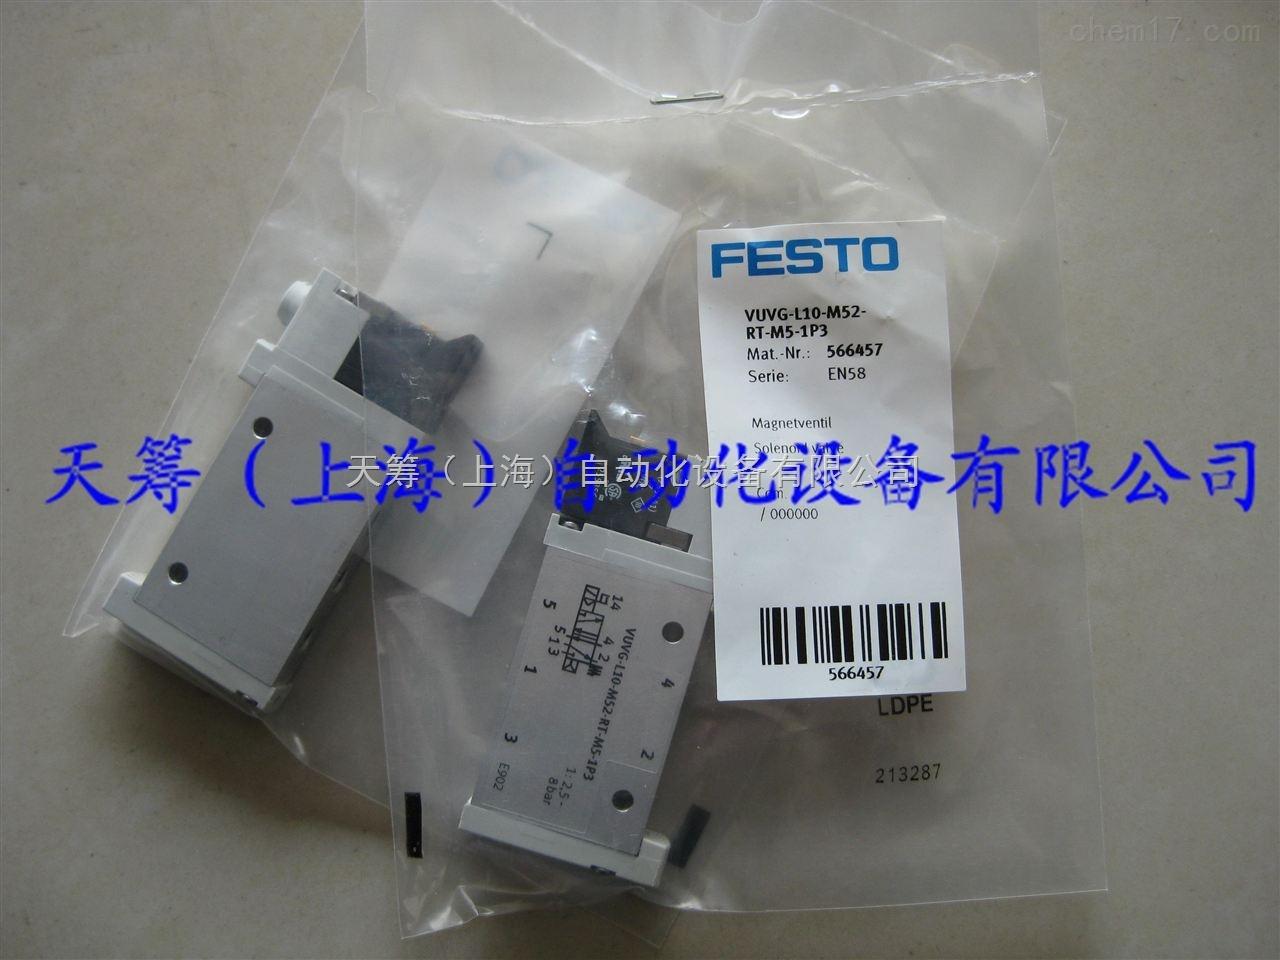 德国费斯托festo产品FESTO电磁阀VUVG系列VUVG-L10-M52-RT-M5-1